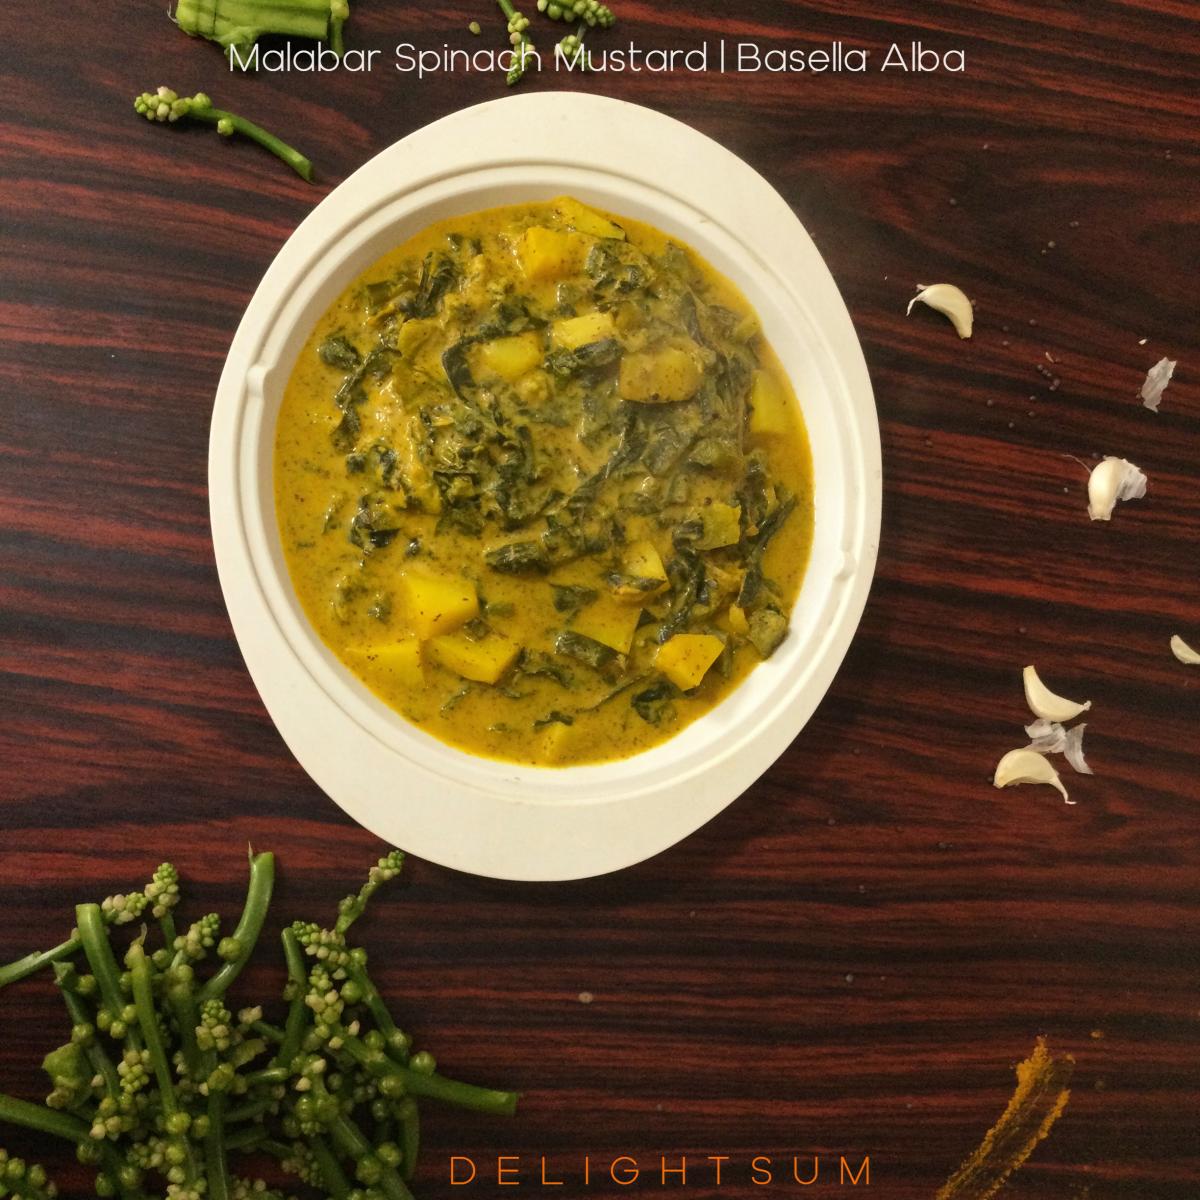 poi-besar-malabar-spinach-mustard-curry-basella-alba